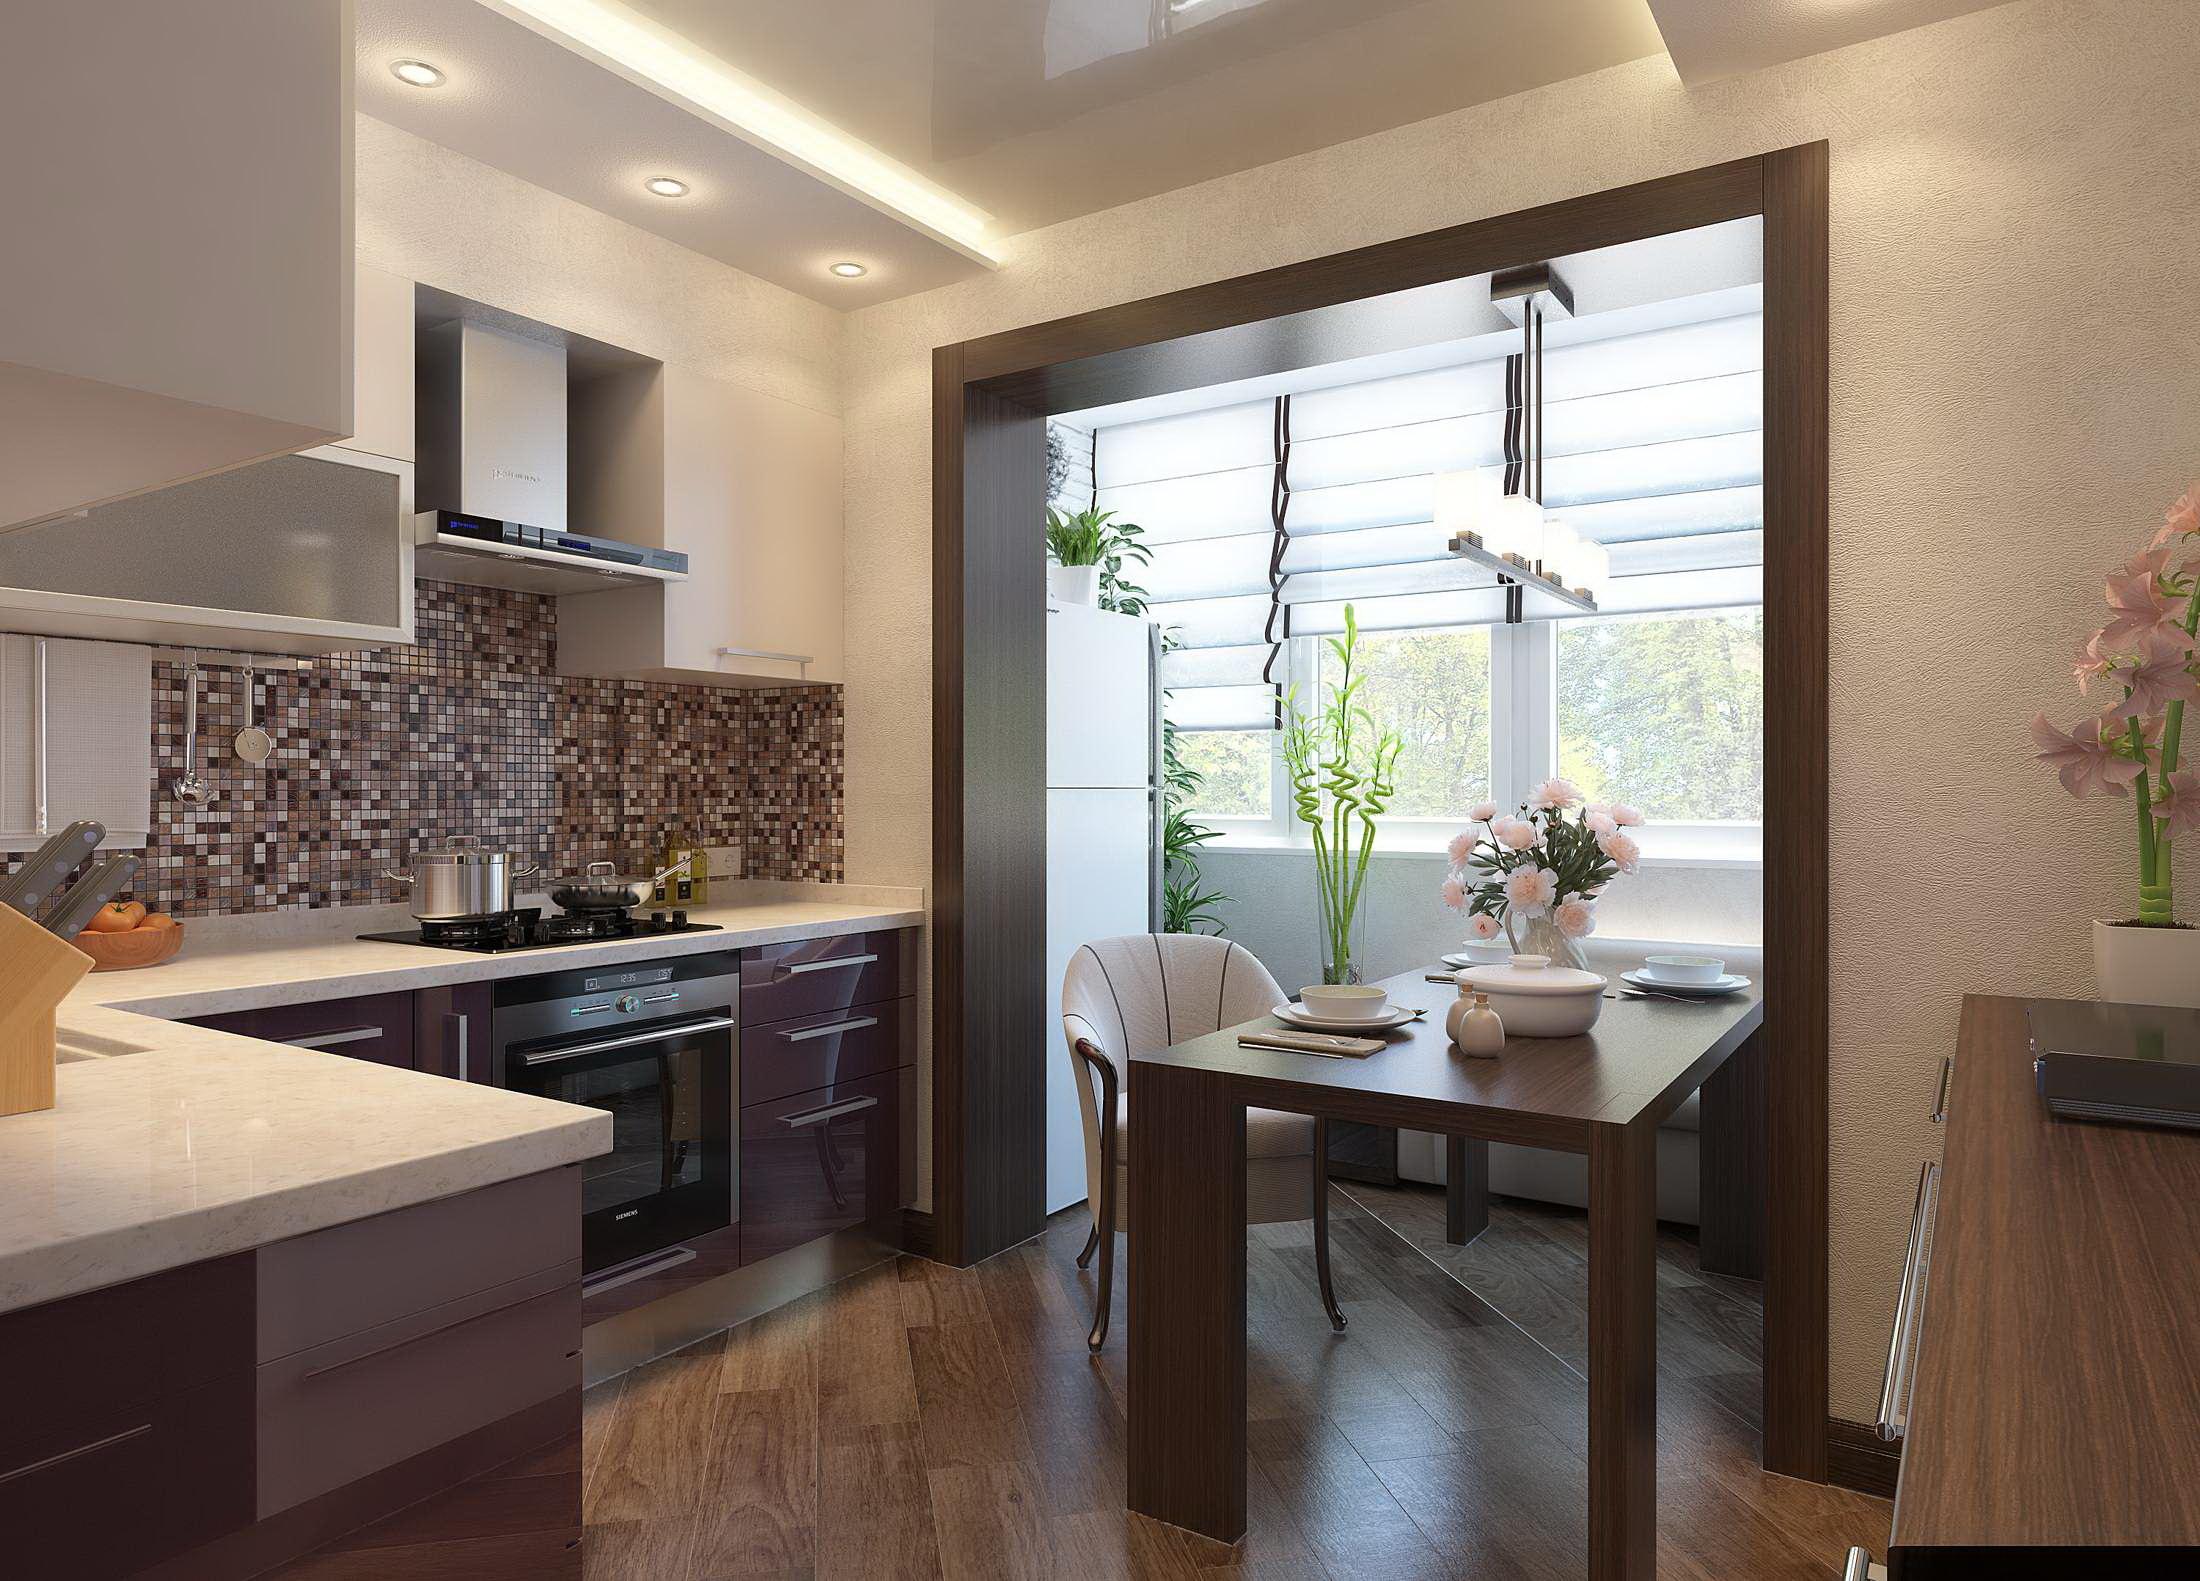 Дизайн балкона, совмещенного с кухней (72 фото): интерьер совмещенной кухни, шторы, интерьер после объединения